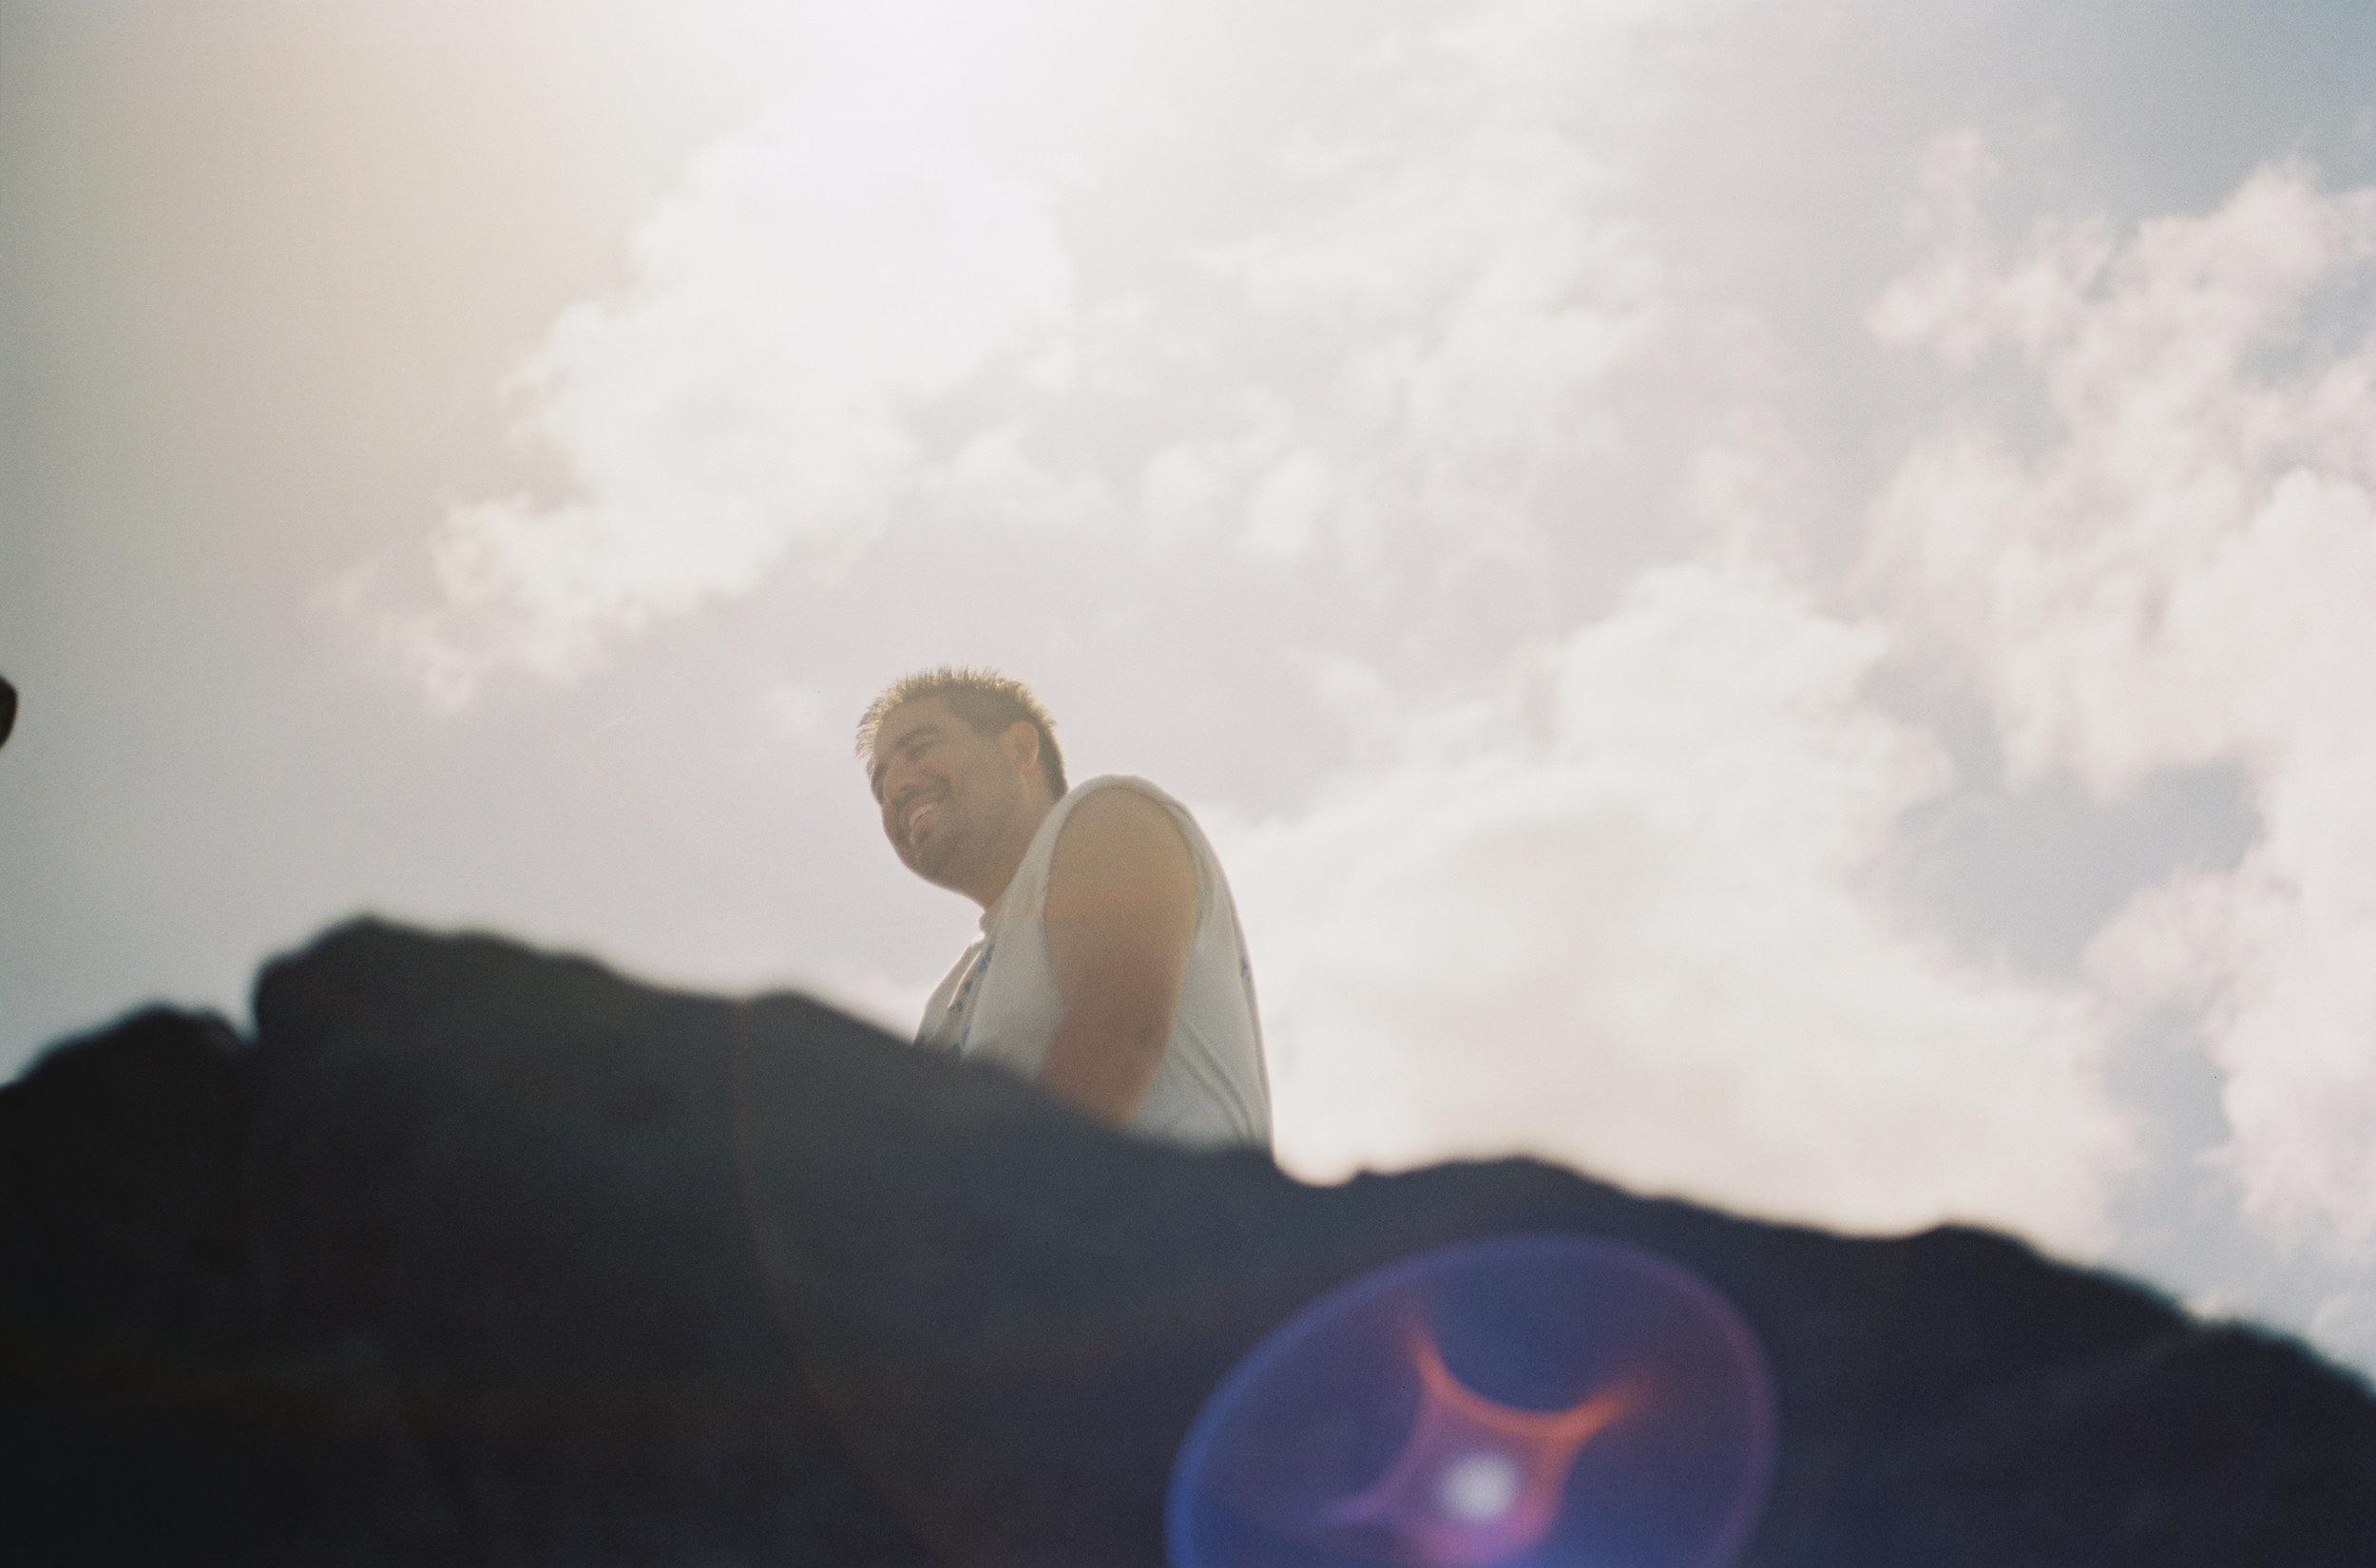 film-ektar-hawaii-portrait-photographer-29.jpg